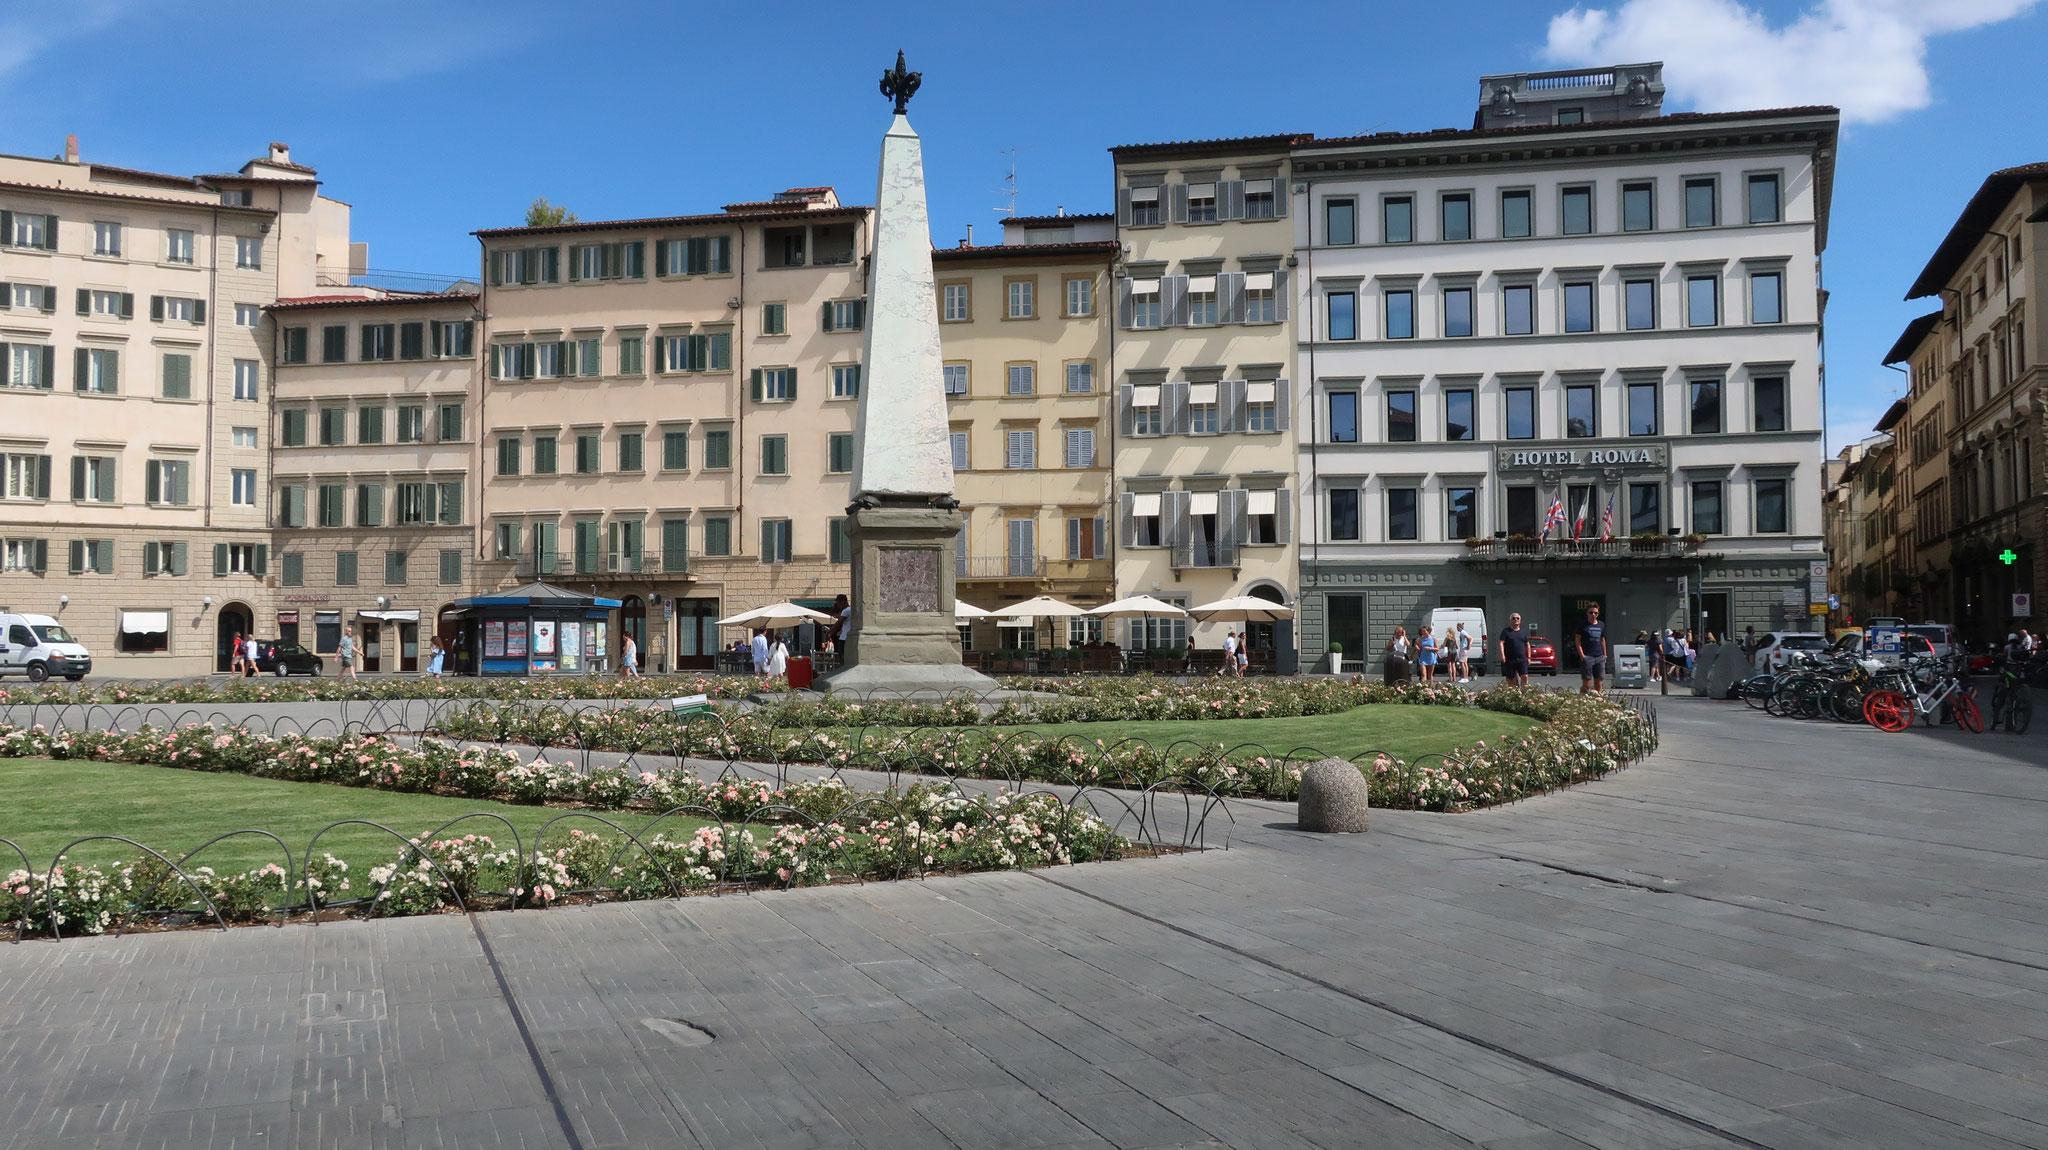 サンタ・マリア・ノヴェッラ広場。コジモ1世が馬車レースのために造りました。